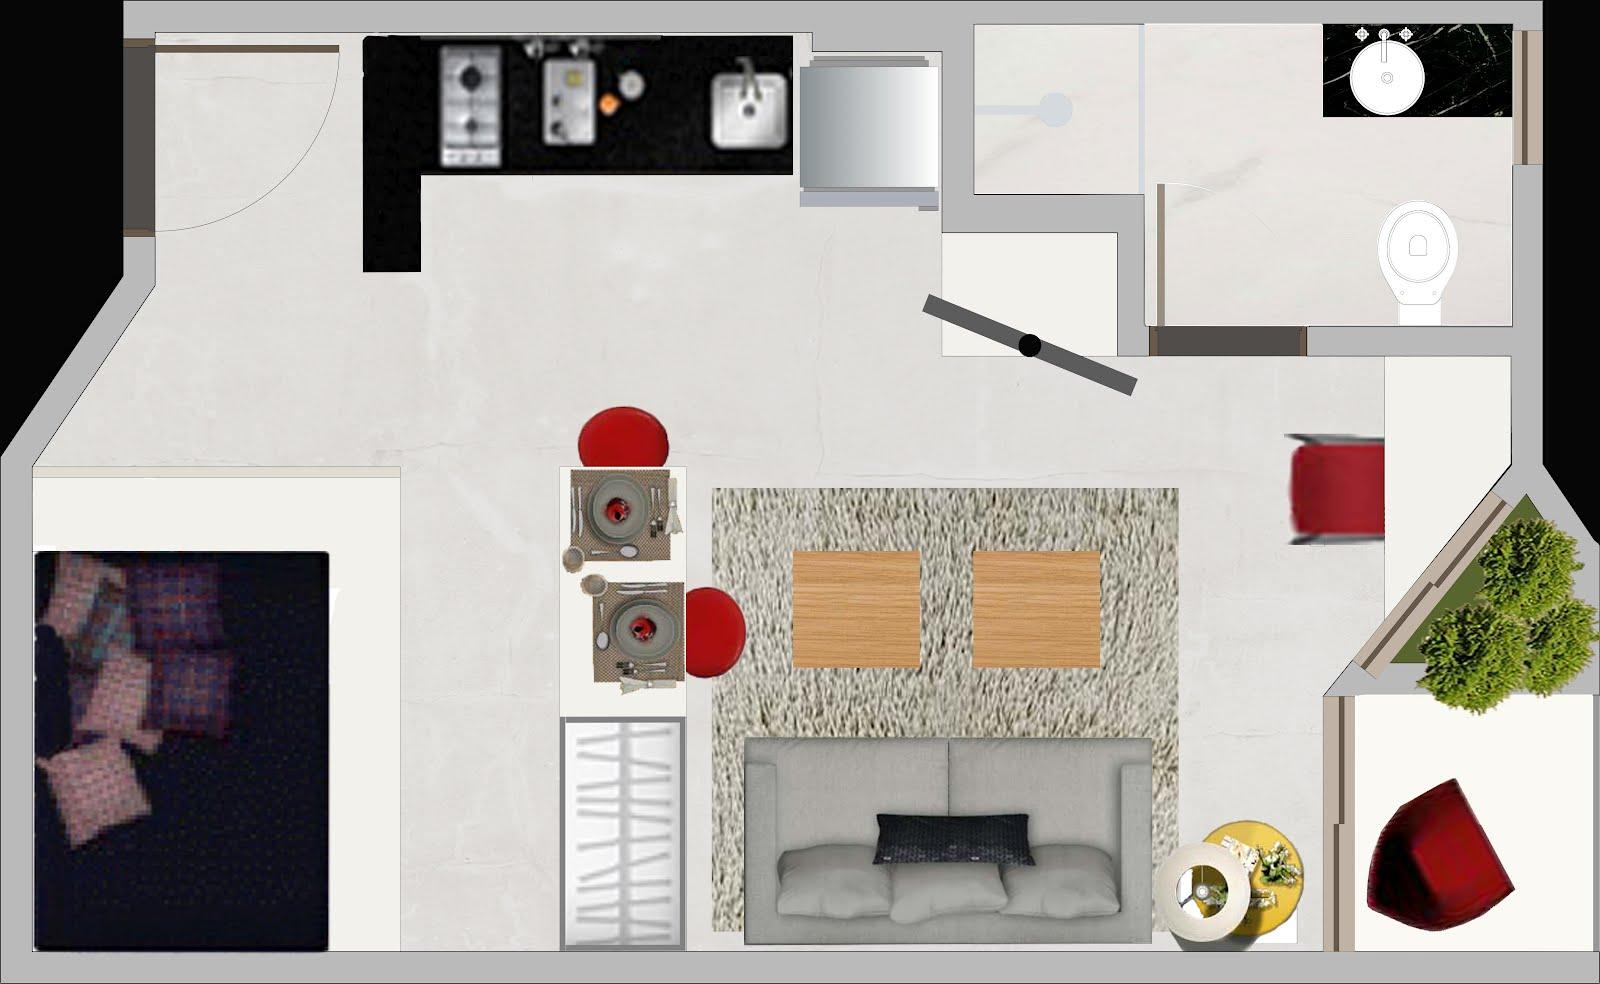 #861F1F APARTAMENTO COMPACTO ~ Studio   Arquitetura 1600x984 px projeto banheiro compacto